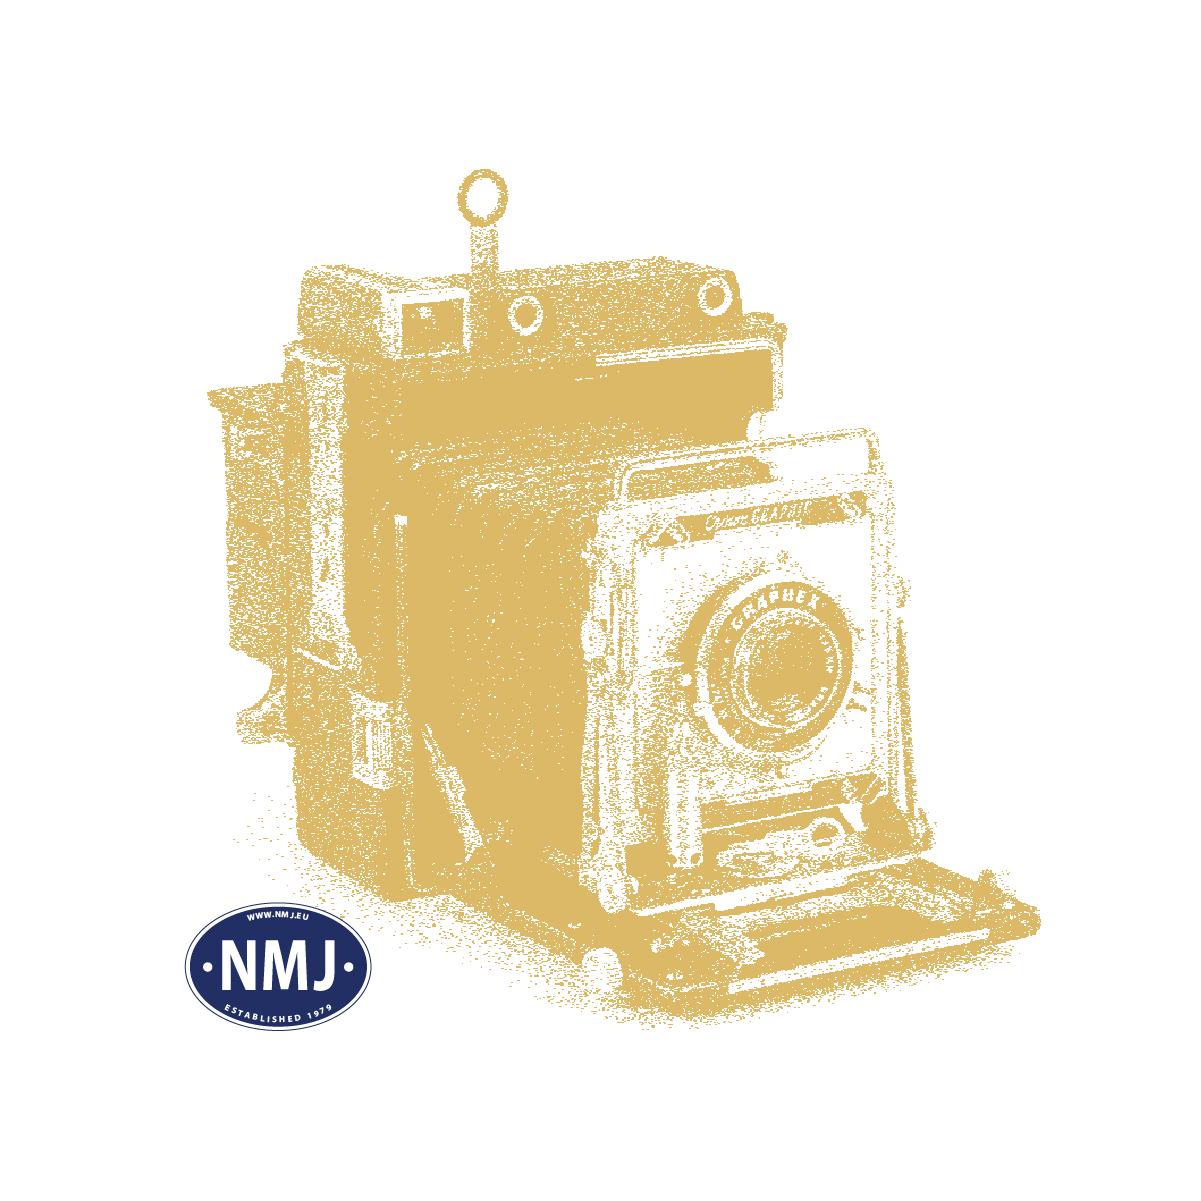 NMJT221.101 - NMJ Topline SJ Personvogn Co8d 3477